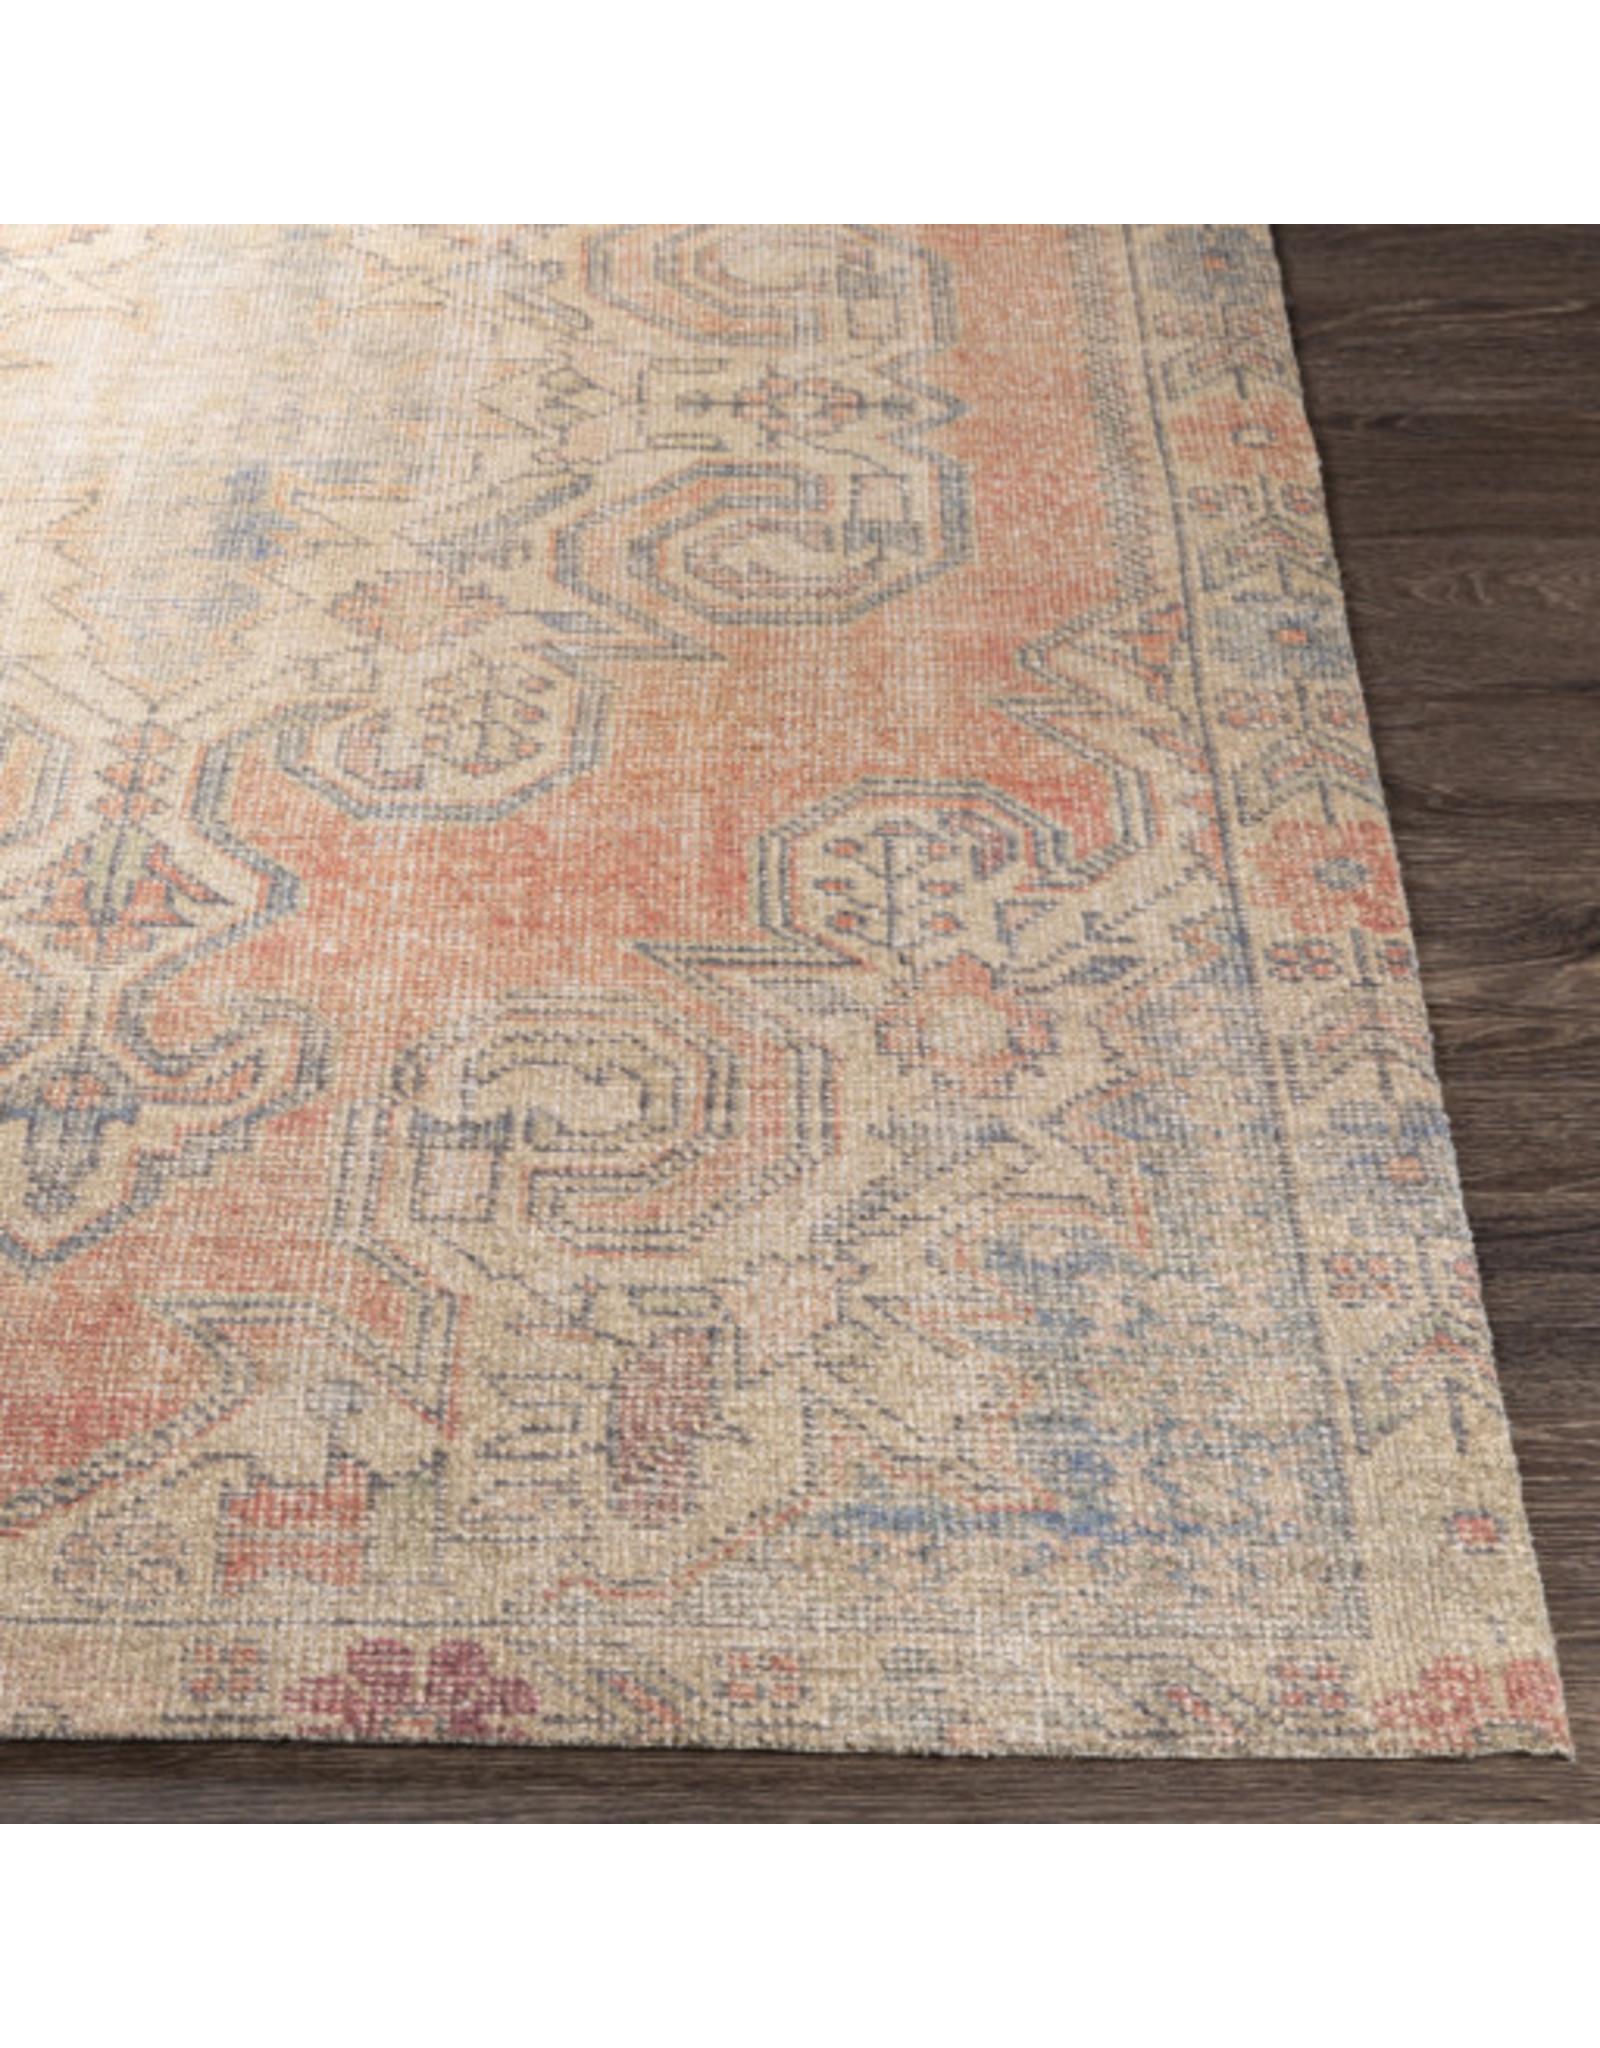 Oak + Arrow Interiors Unique Rug - Orange 2' x 3'